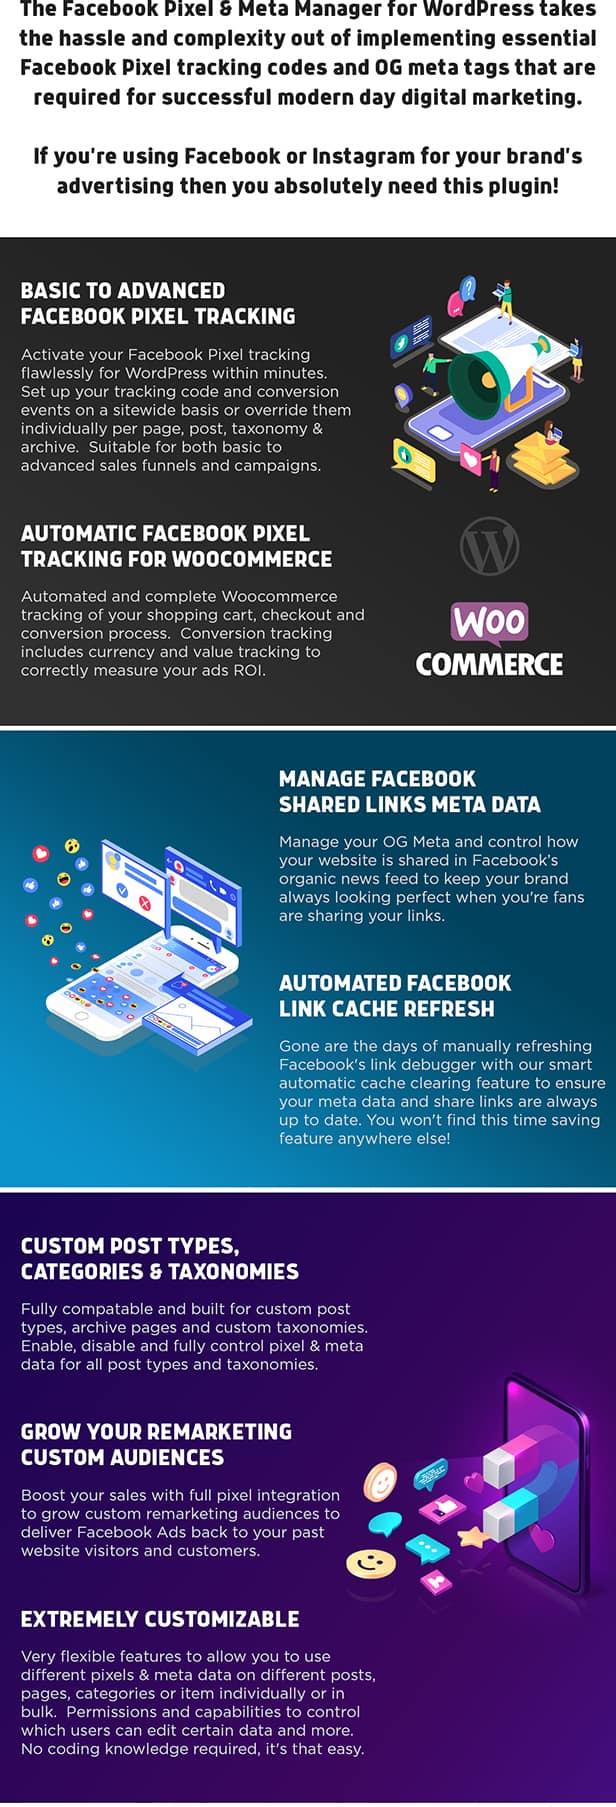 Facebook Pixel & Meta Tag Manager for WordPress - 1